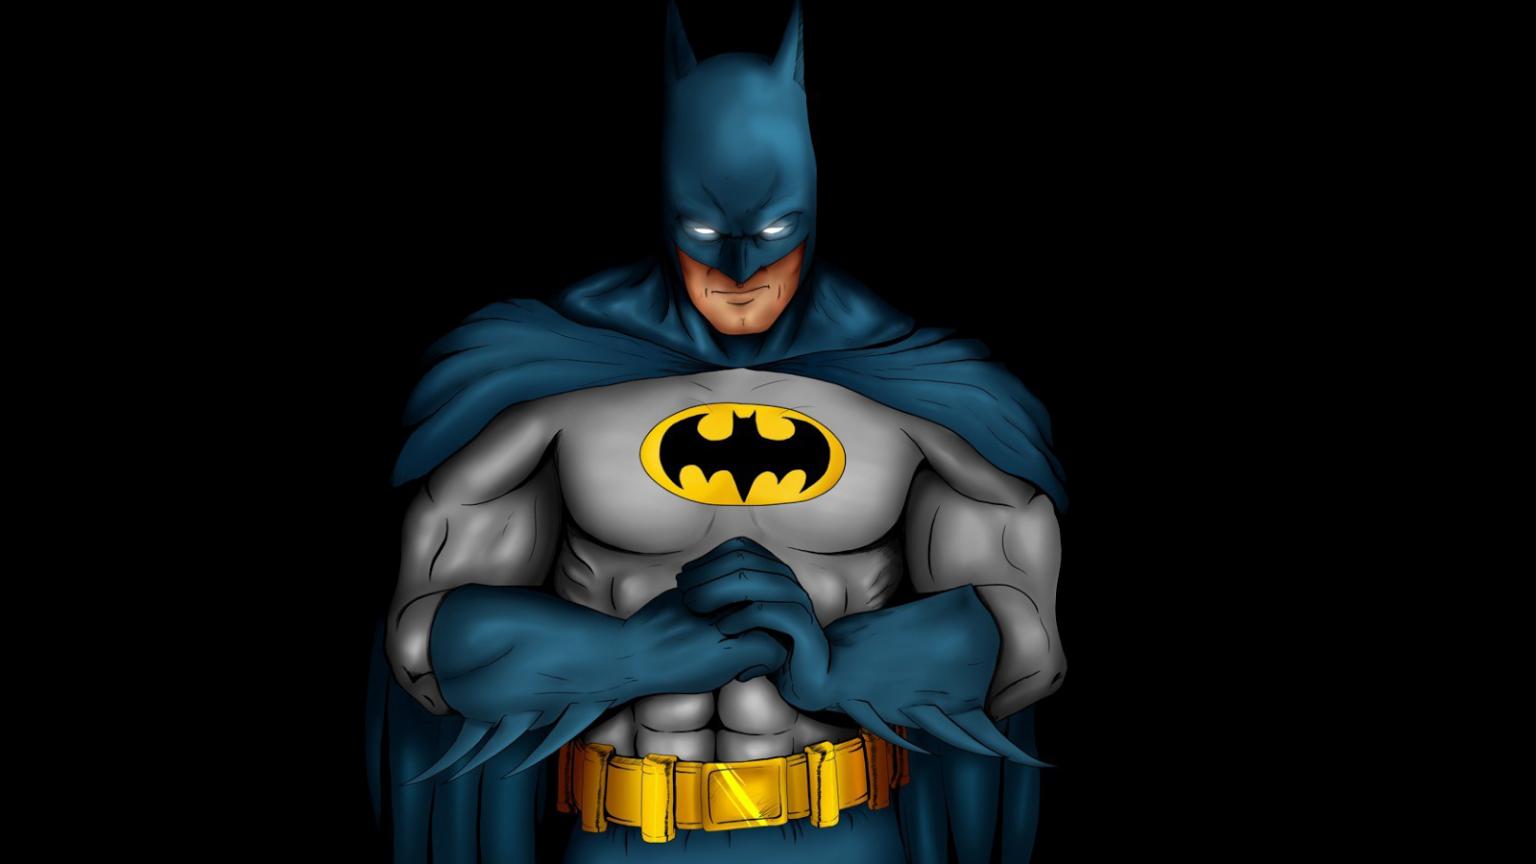 Free download Cartoon Batman Super Hero HD Wallpaper HD ...